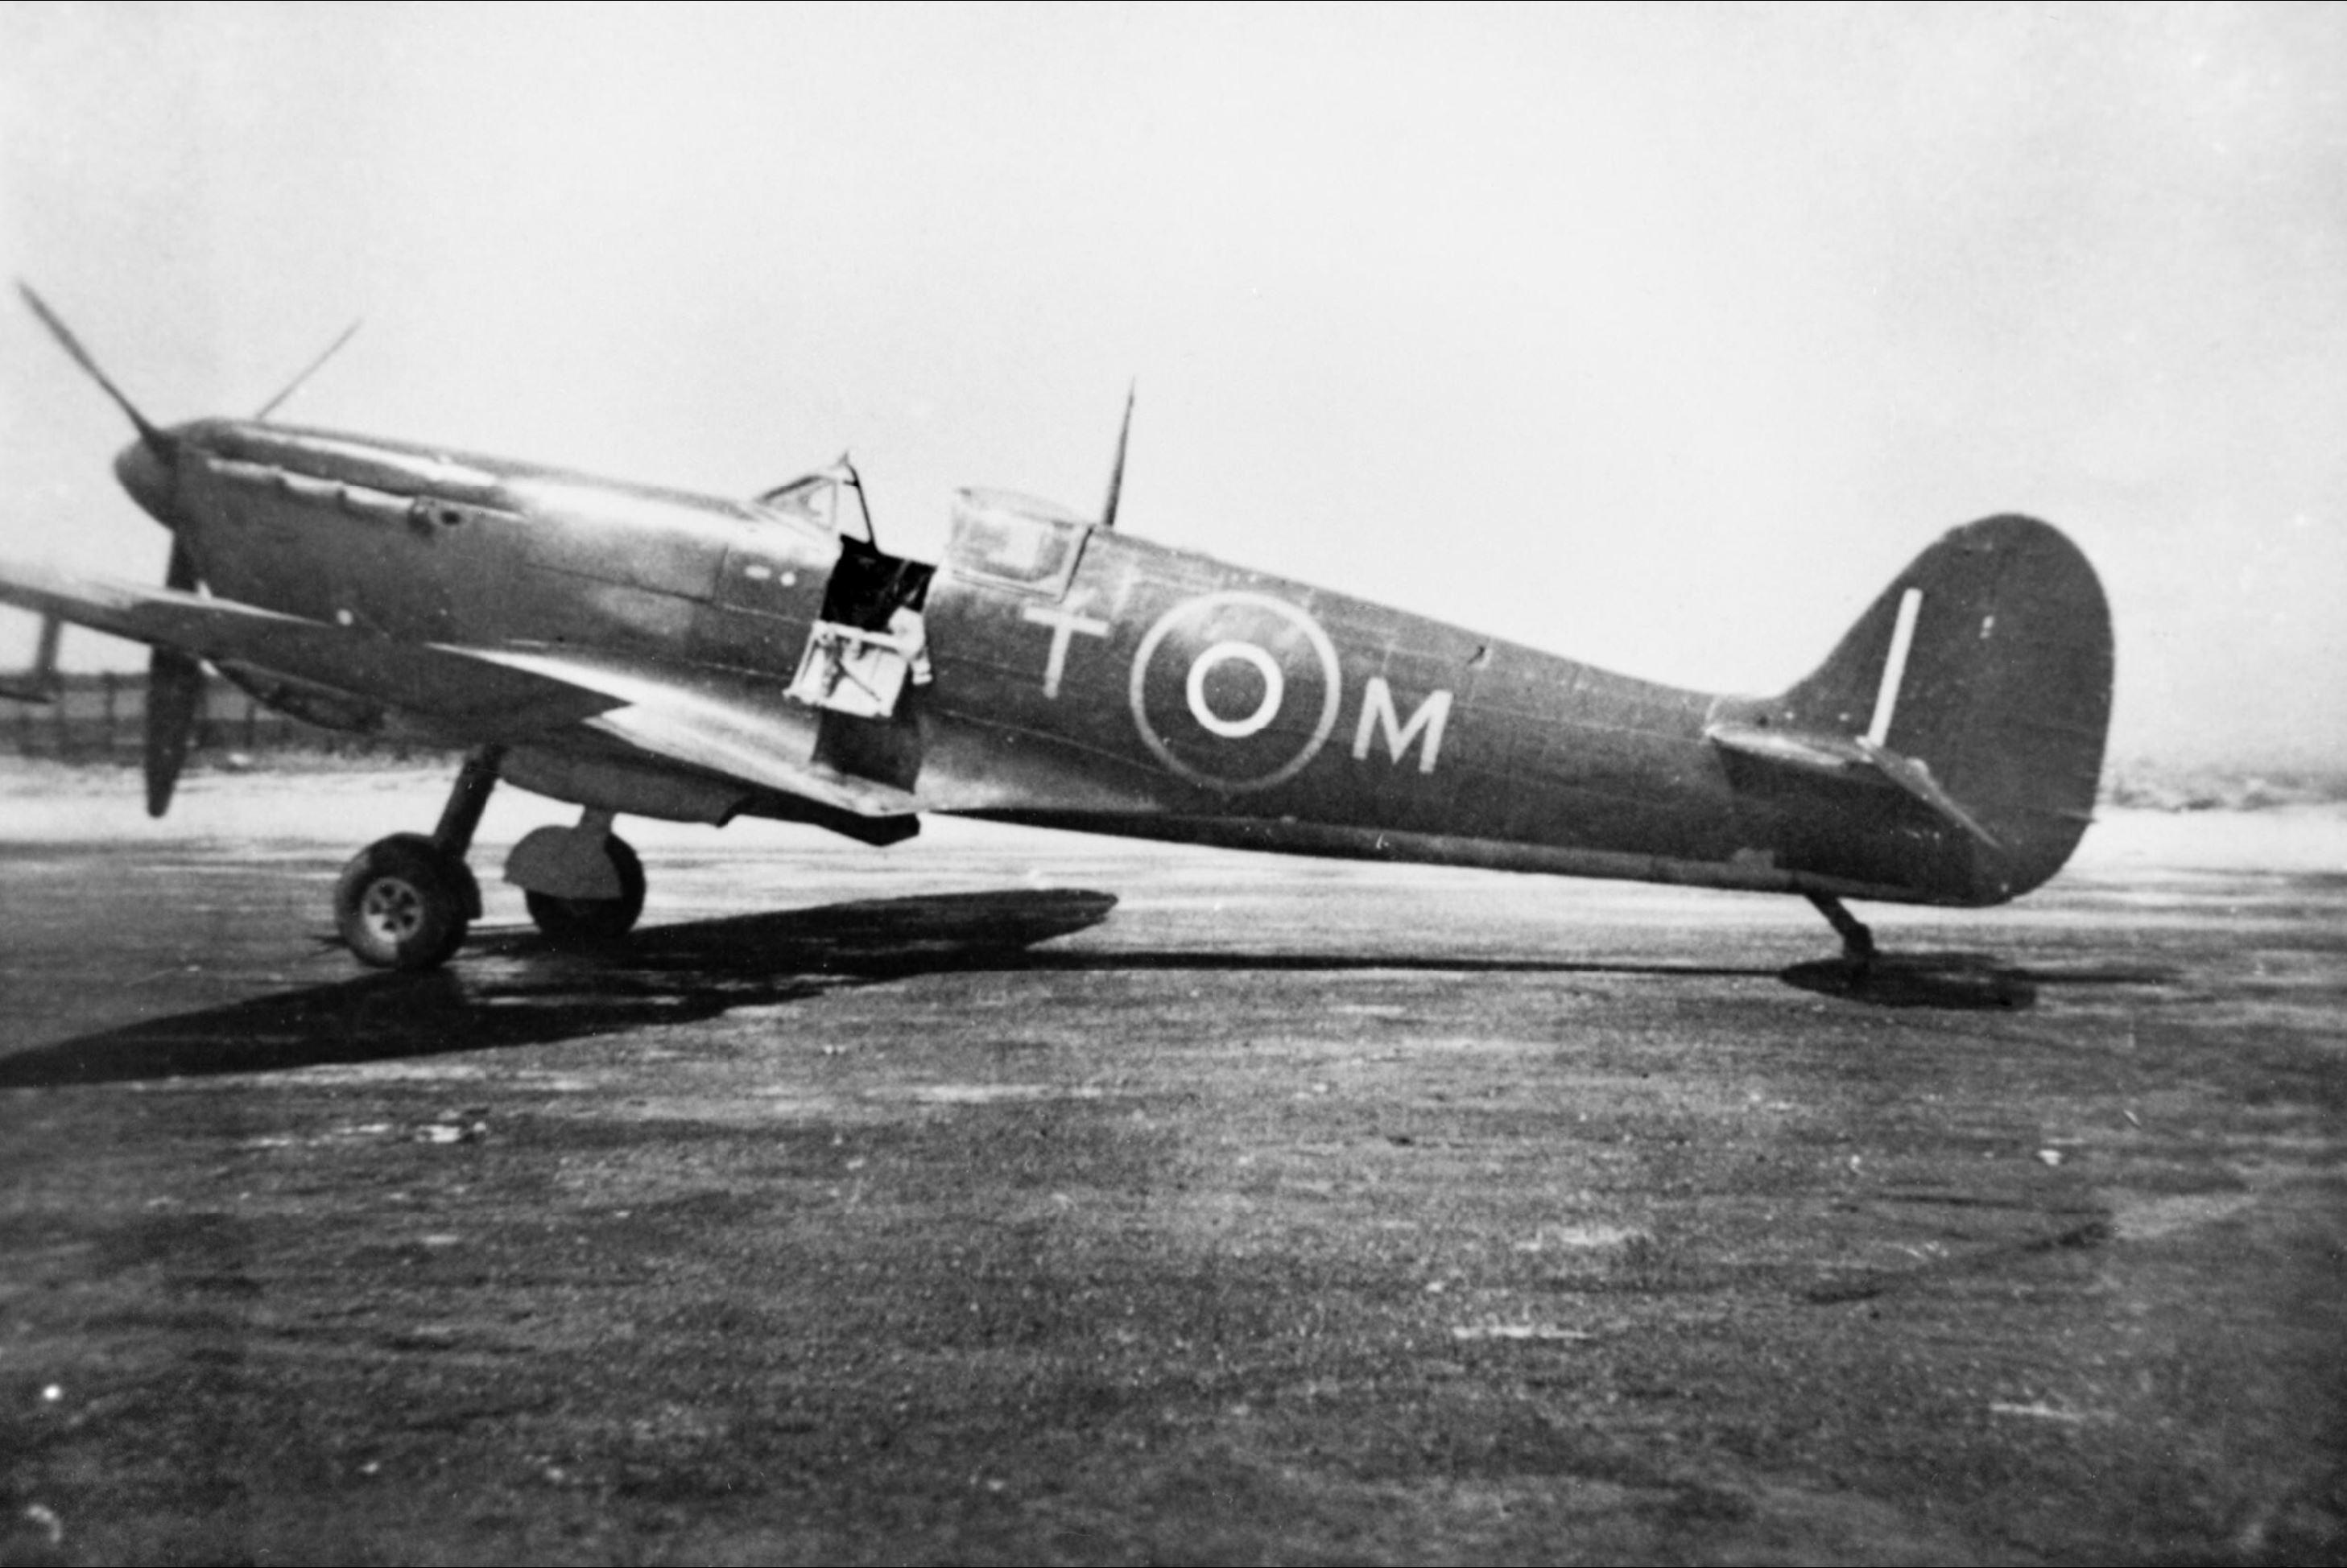 Spitfire MkVb RAF 249Sqn TM at Krendi Malta IWM HU72343